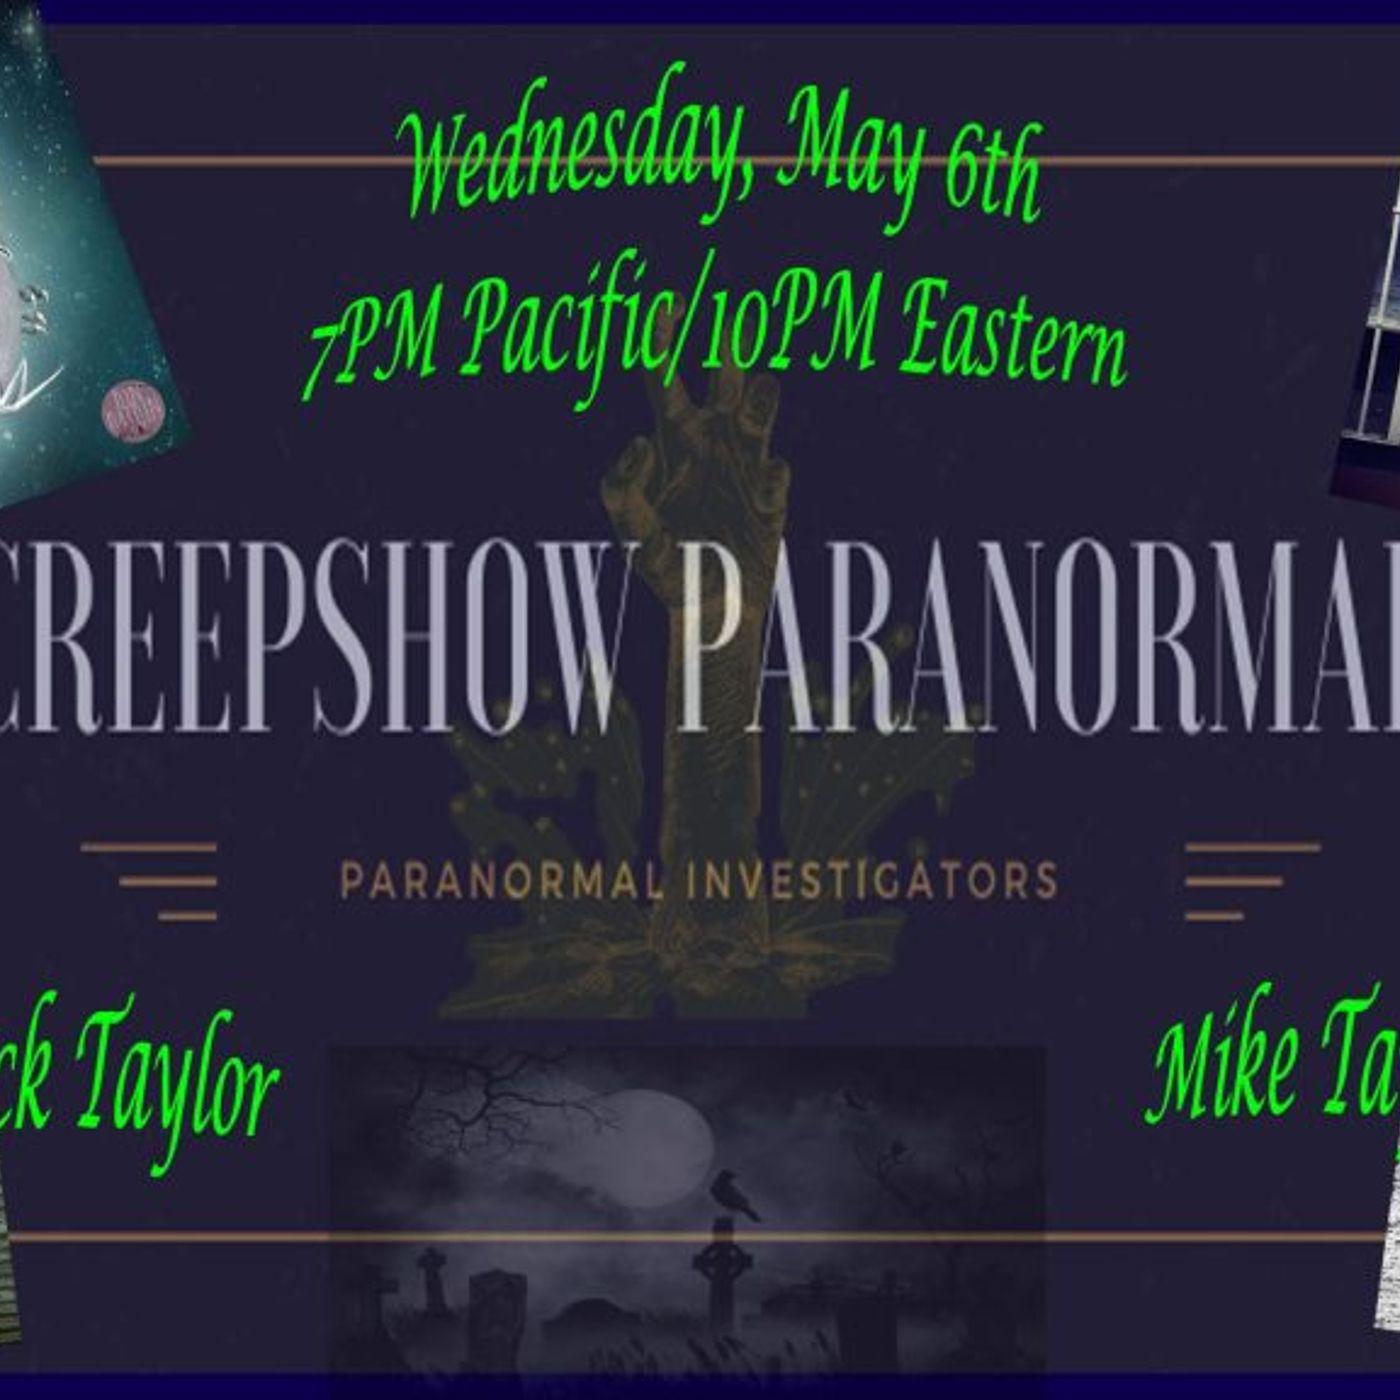 Creepshow Paranormal Investigators